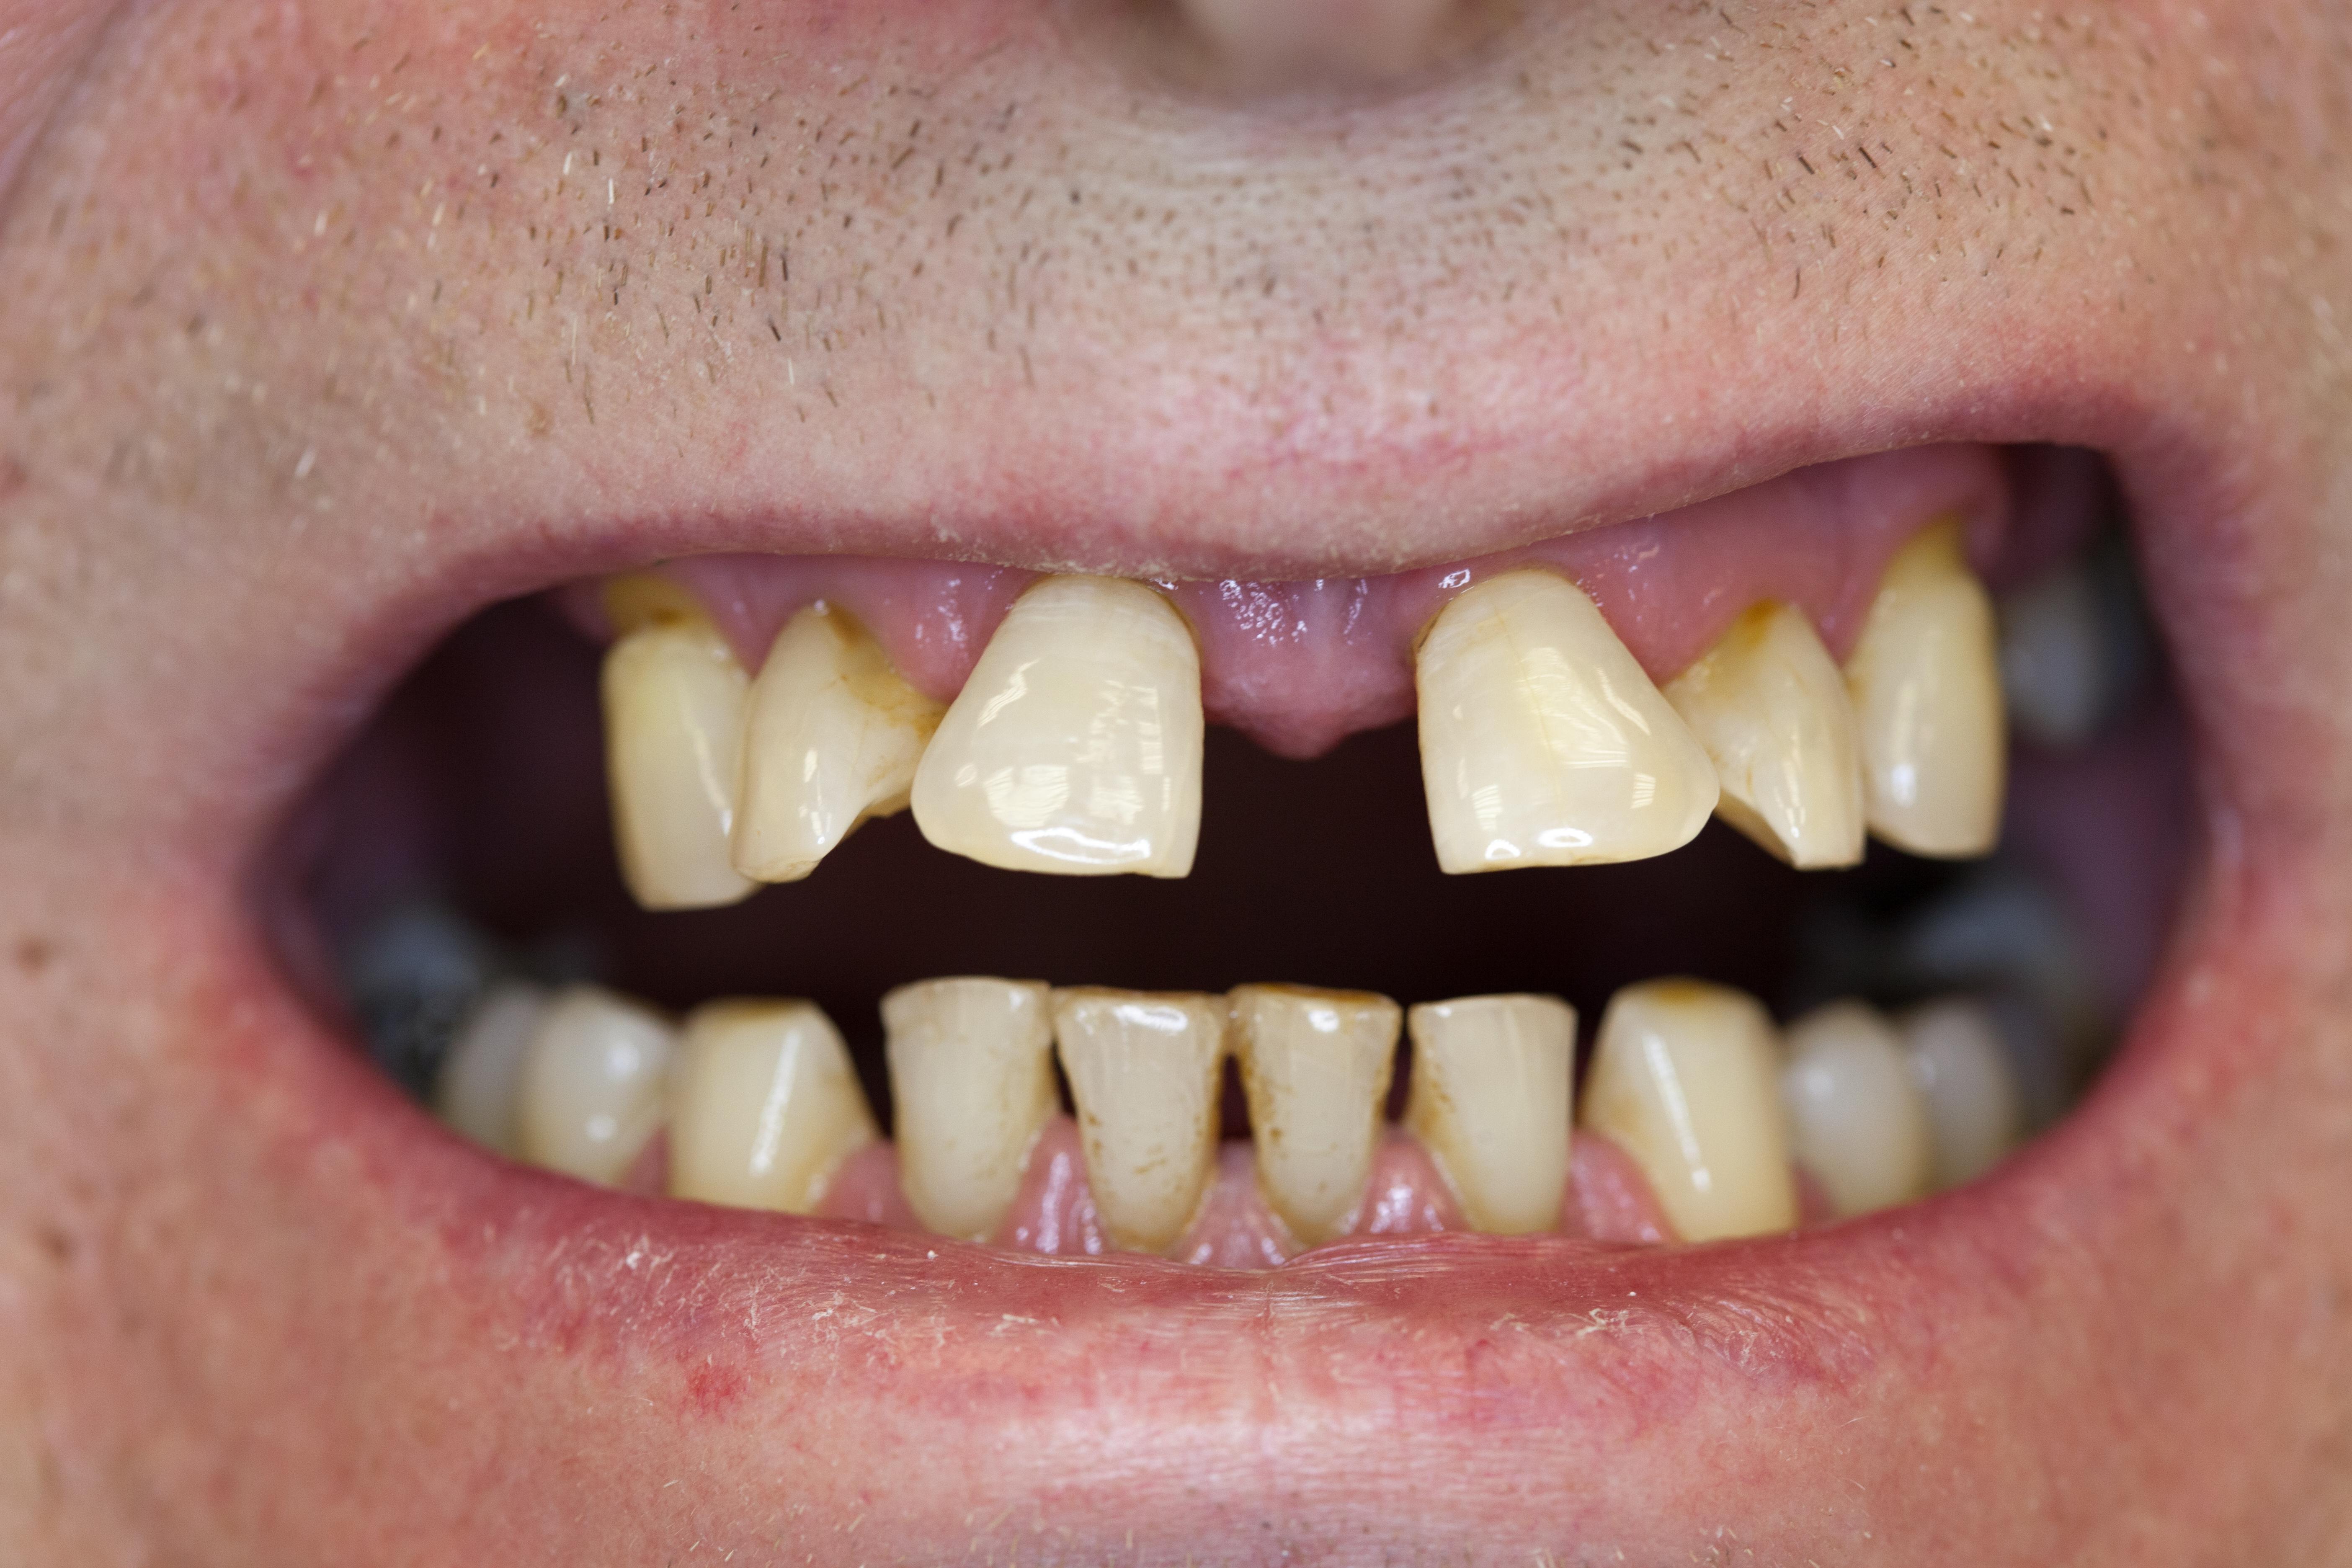 Zwischen den schneidezähnen grosse zahnlücke Zahnlücke kaschieren